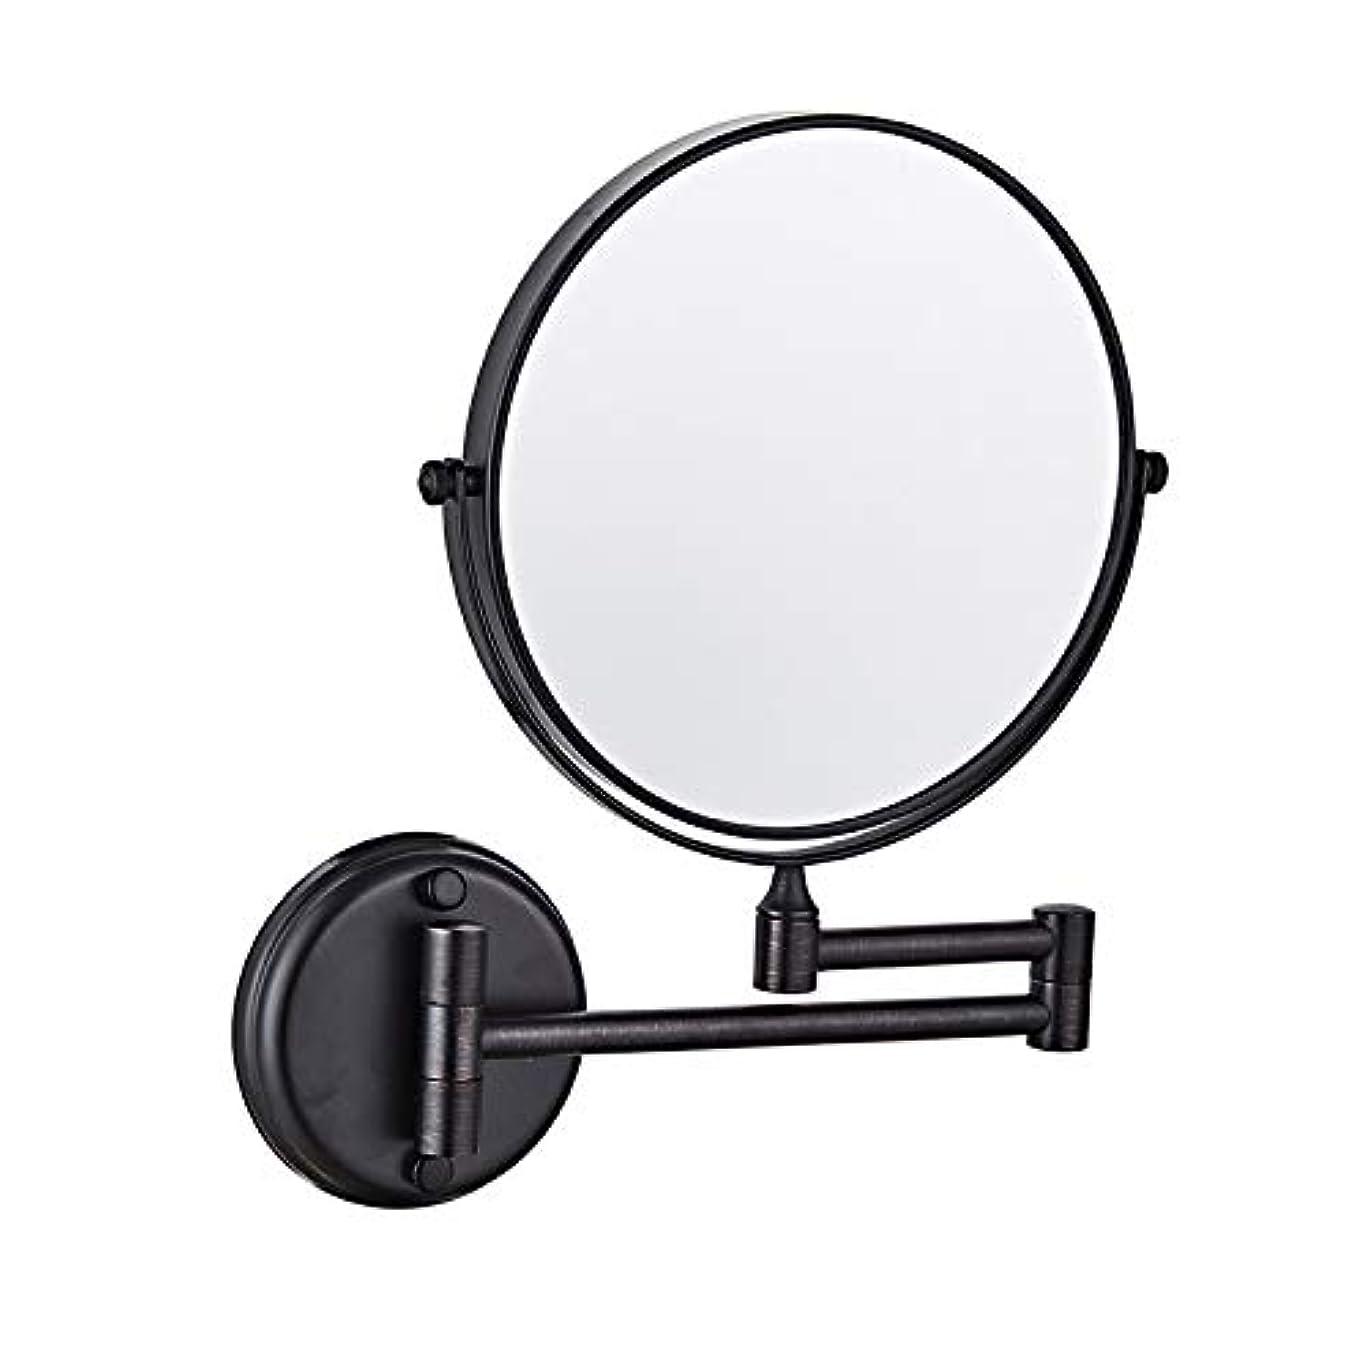 移行する熟達継続中バスルームミラー壁掛, 化粧品化粧台ミラー, 無料調整 回転式、格納式、クロム、装飾ミラークリエイティブウォールマウントバスルームのメイクミラー 浴室用サロン化粧台 - ブラック 6inch 5X 拡大鏡